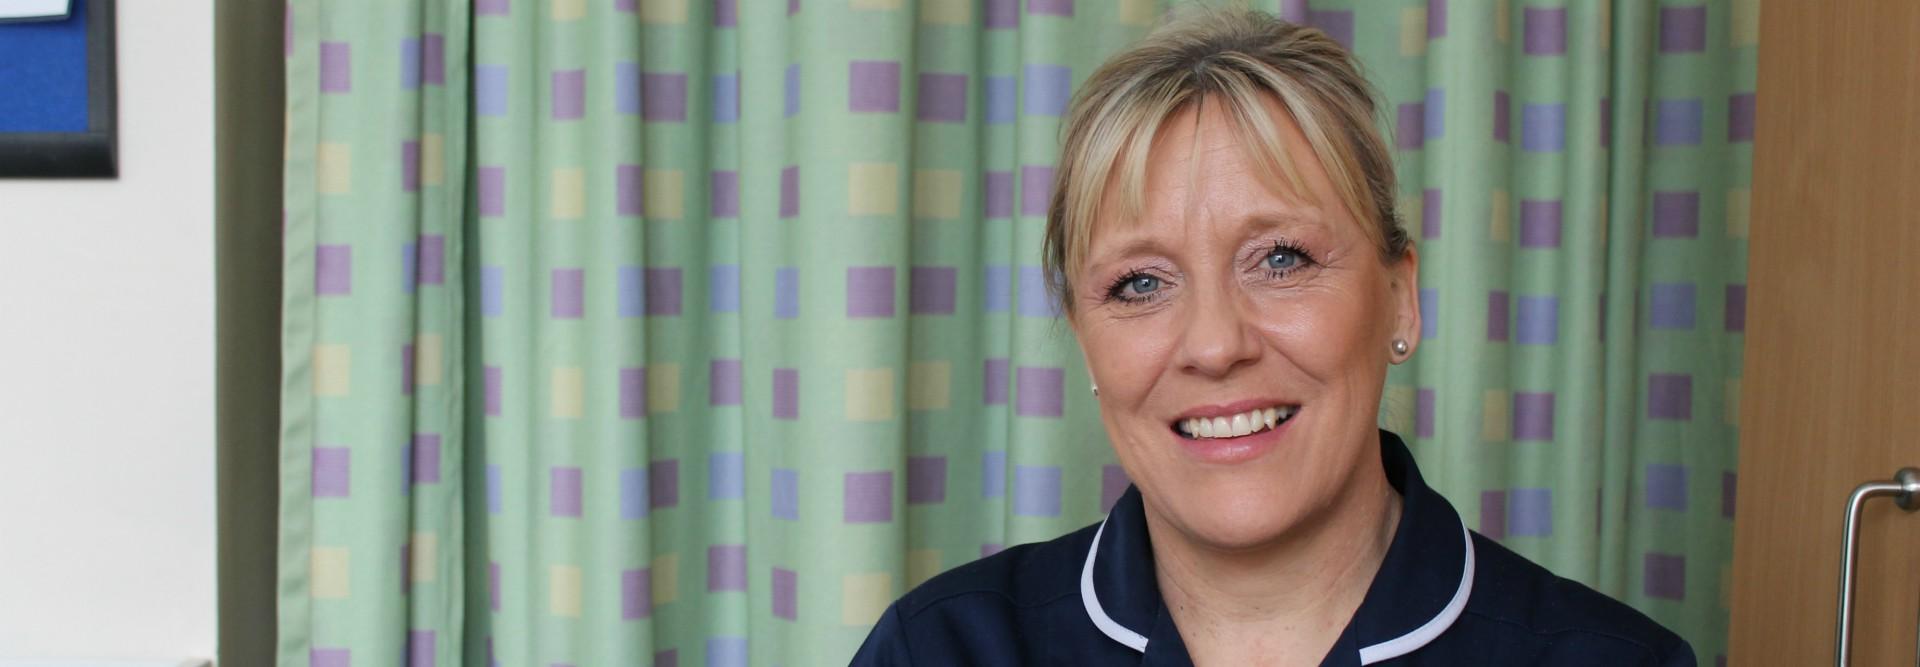 Louise, Fair havens nurse